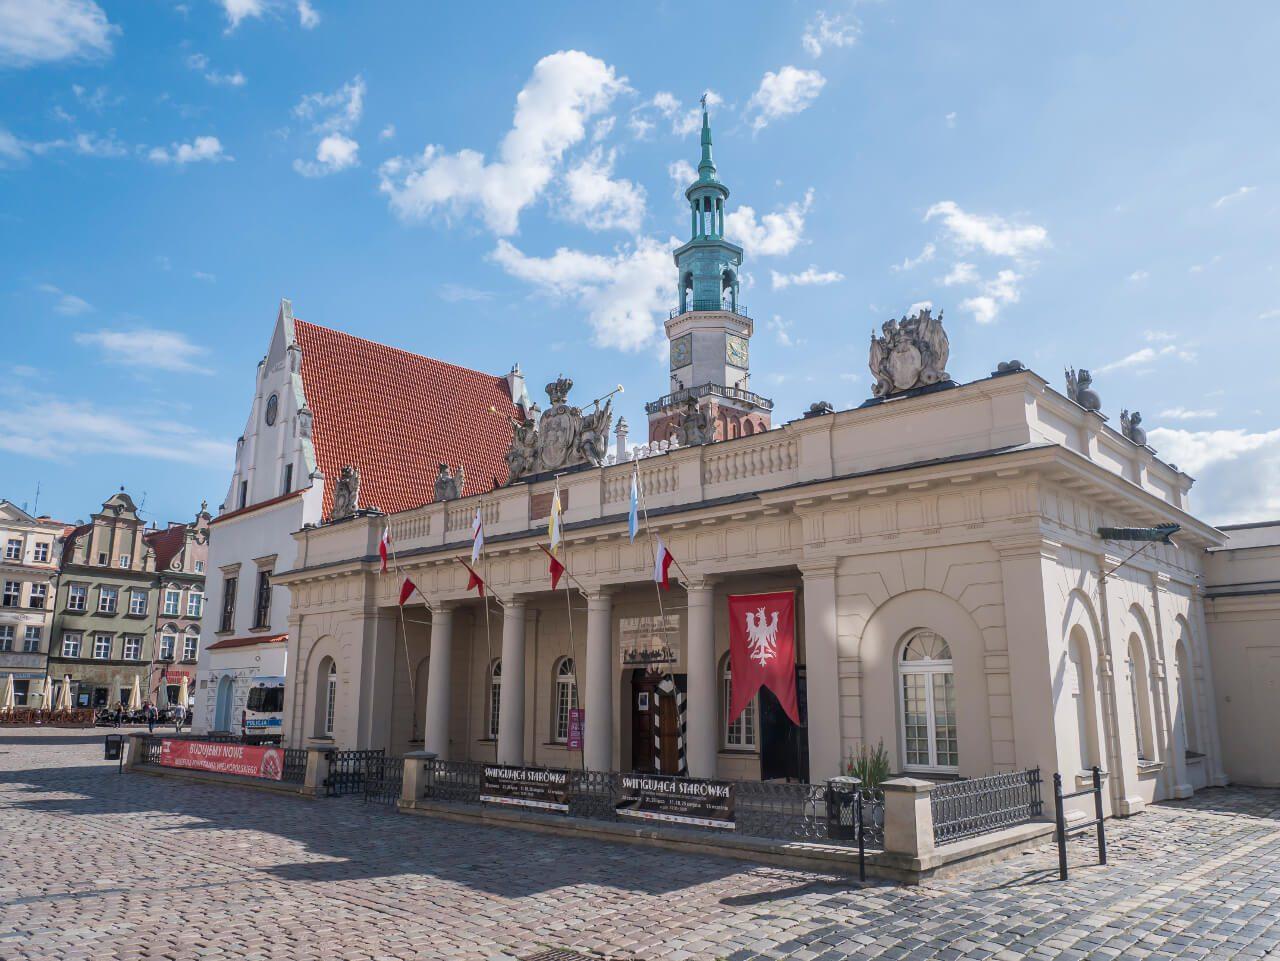 Muzeum Powstania Wielkopolskiego 1918-1919 w budynku wartowni w Poznaniu